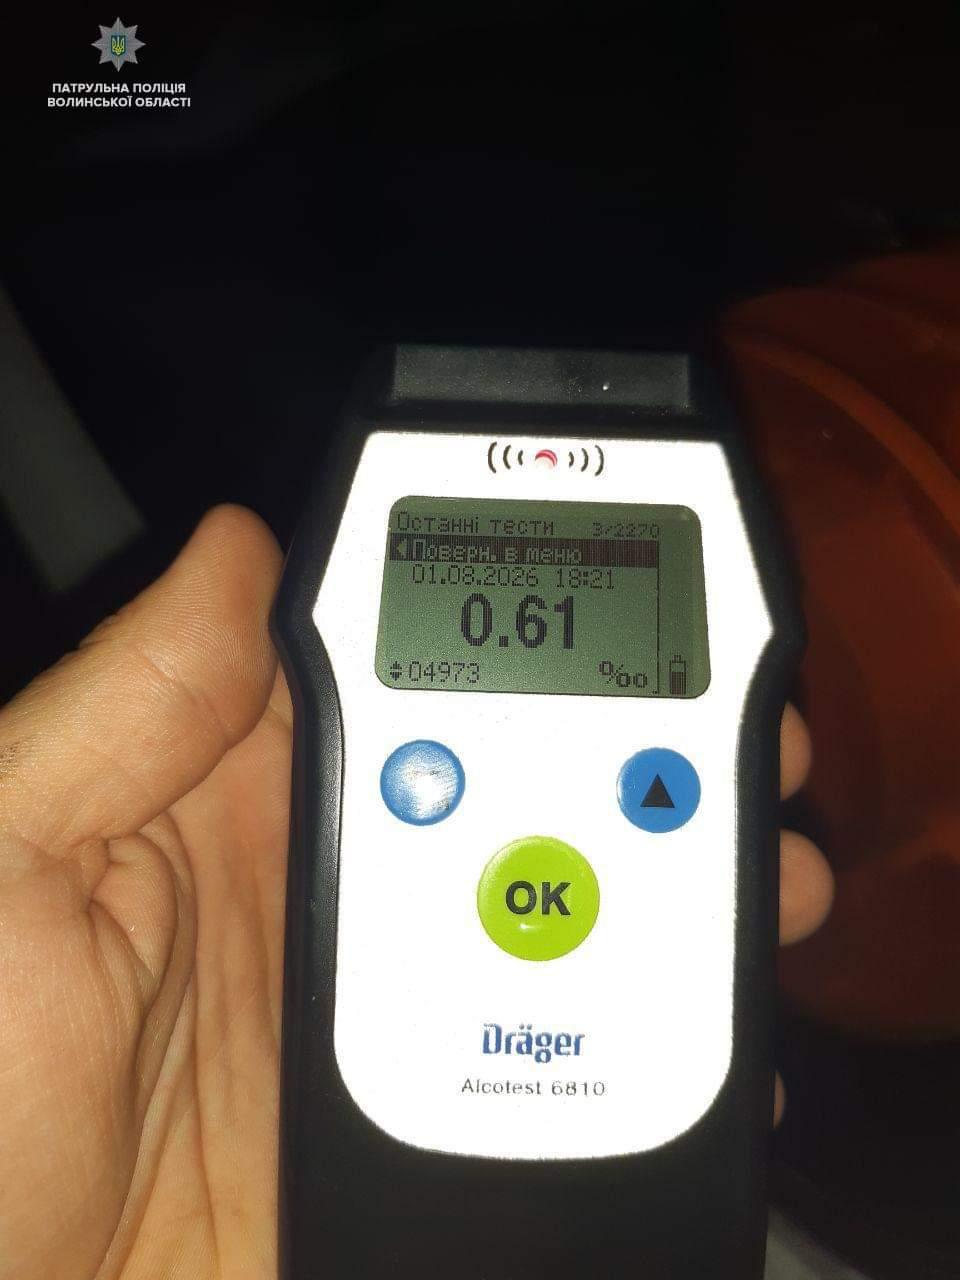 У Луцьку затримали водія, у якого у 8 разів була перевищена норма алкоголю в крові. ВІДЕО